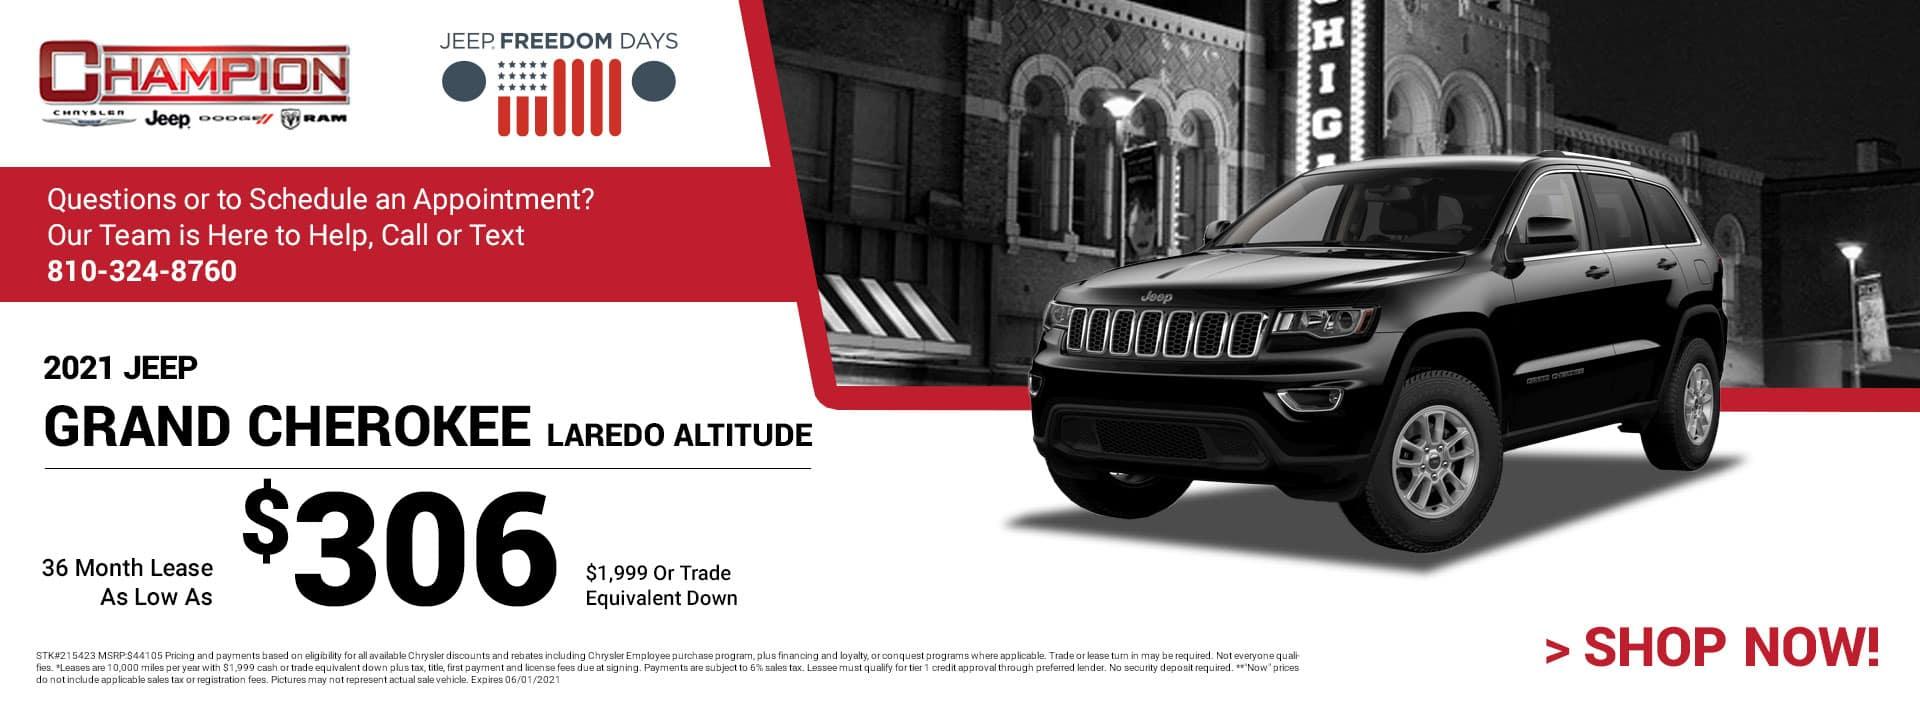 2021 Jeep Grand Cherokee Laredo Altitude 215423 $44,105 $1,999 or Trade Equivalent Down 36 $306